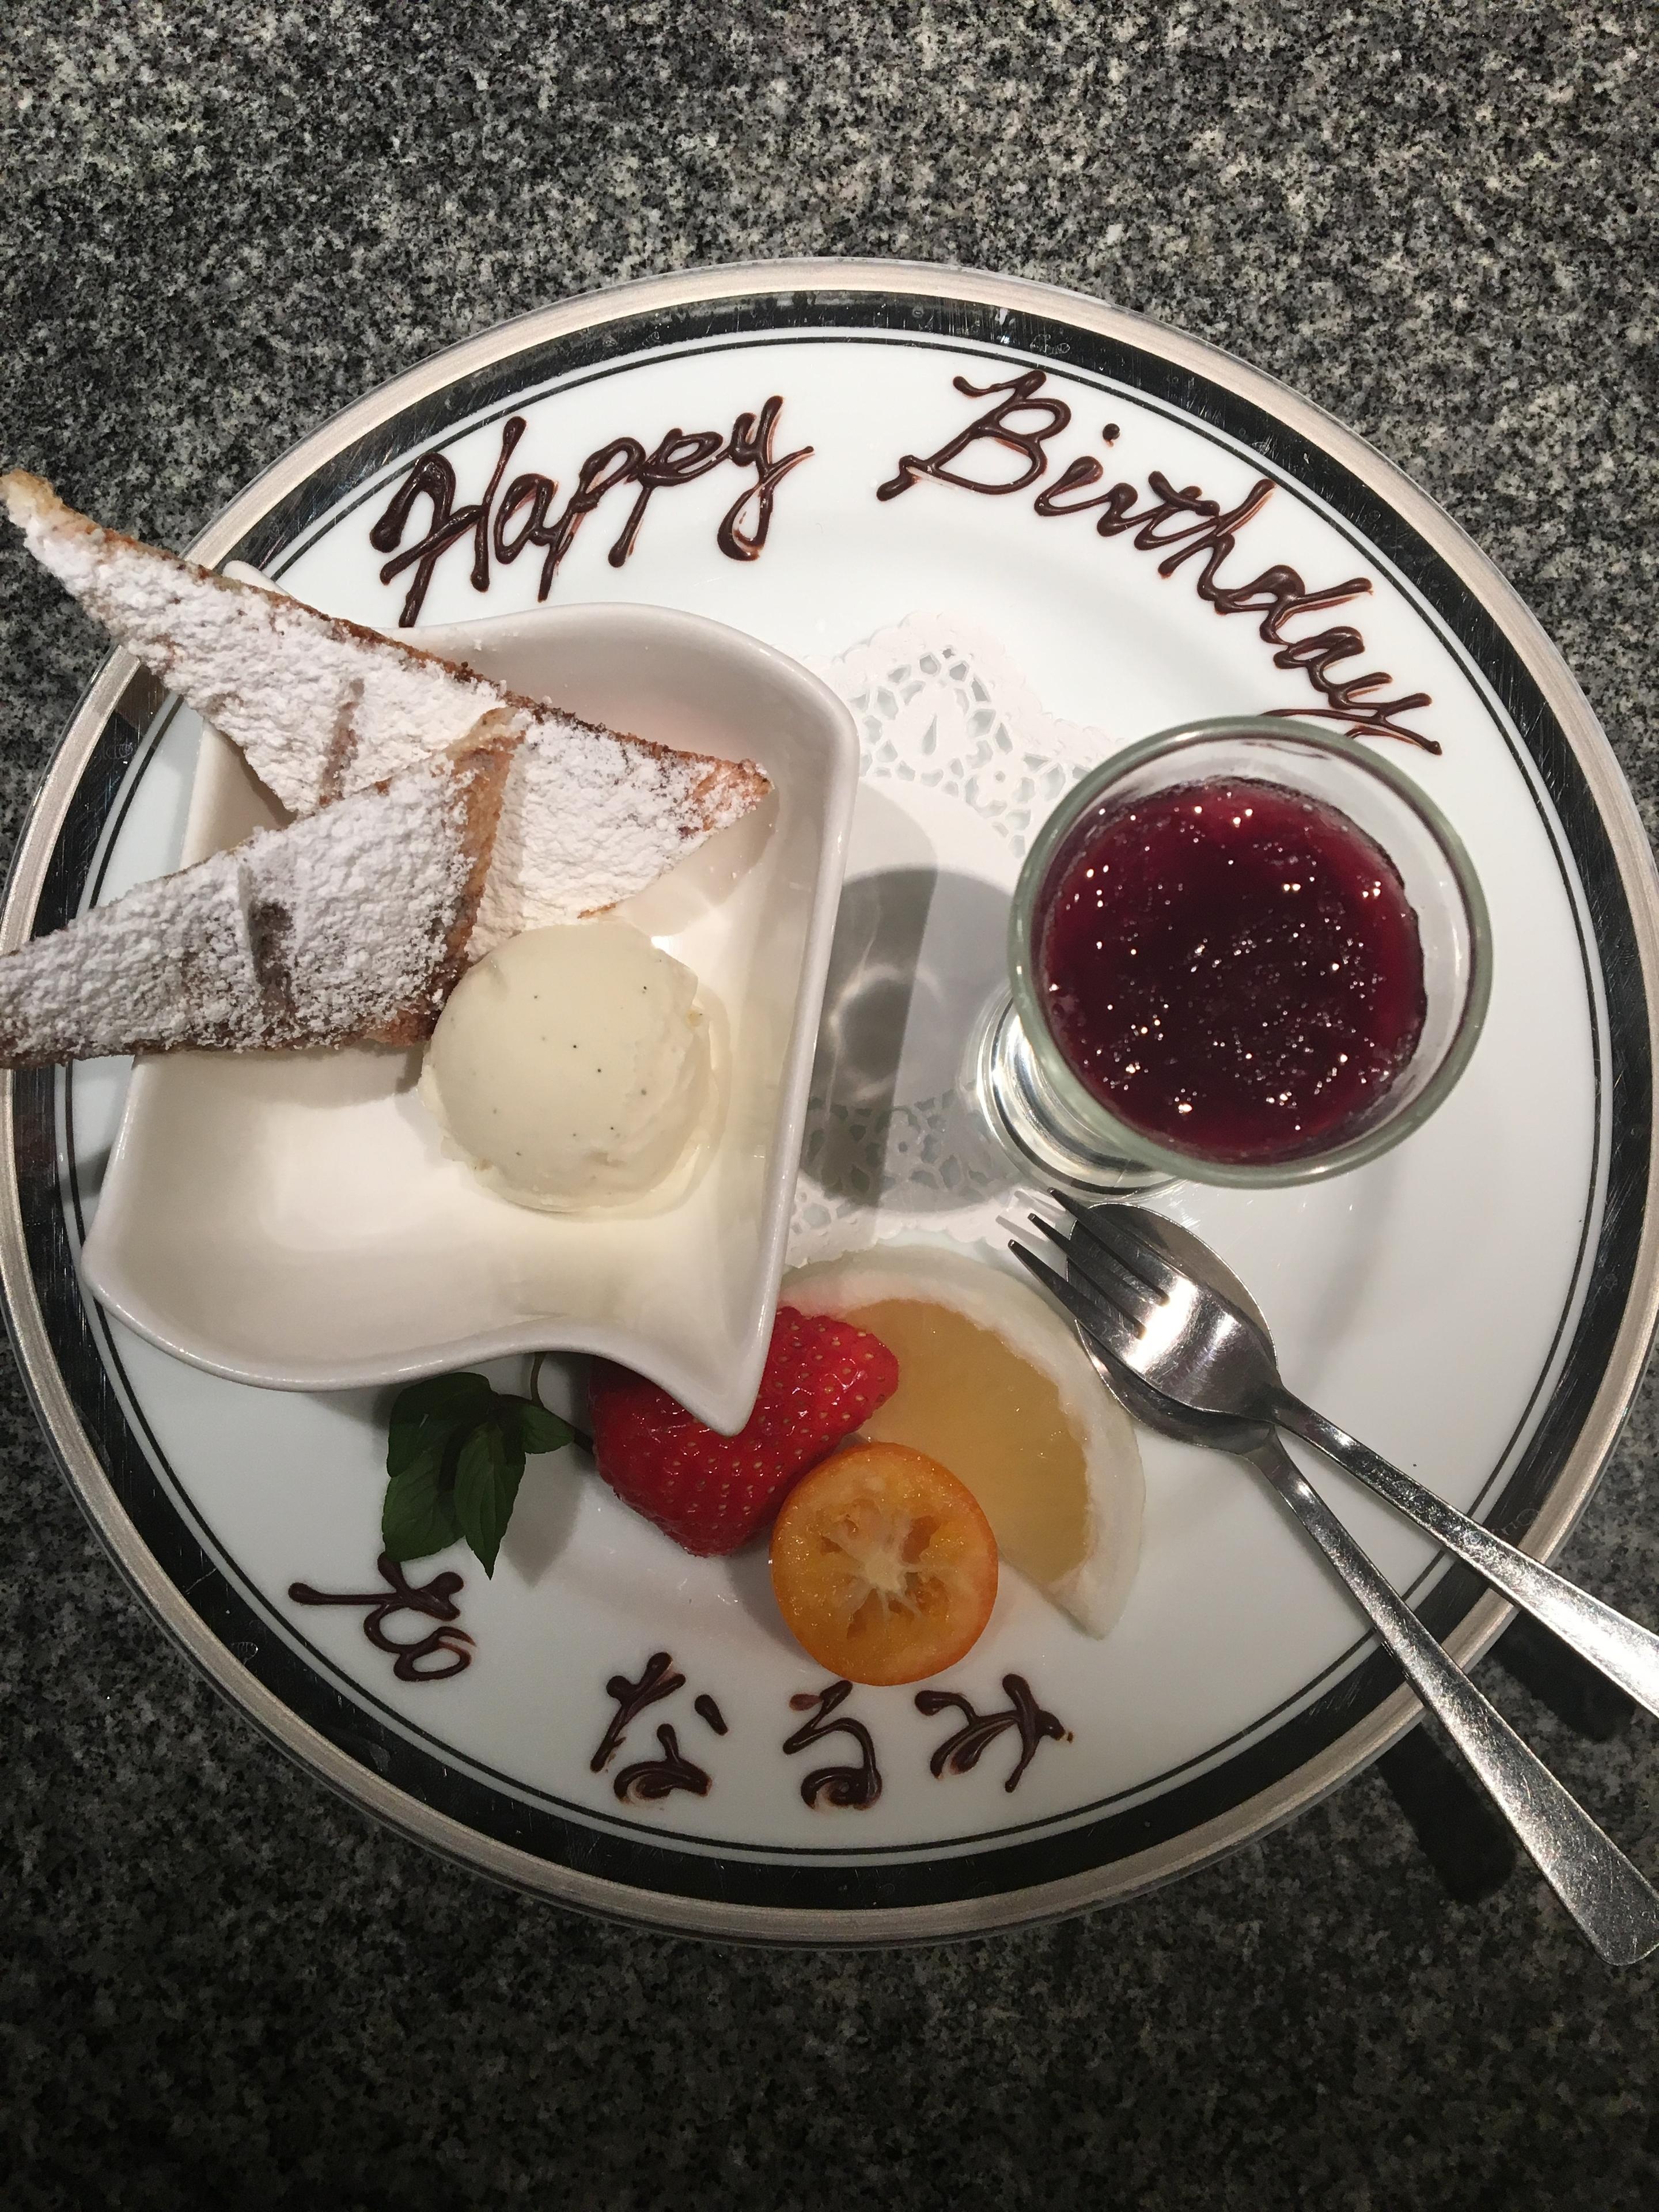 新宿美容院セイヴィアンの食いしん坊マフィアブログ! 丸山誕生日